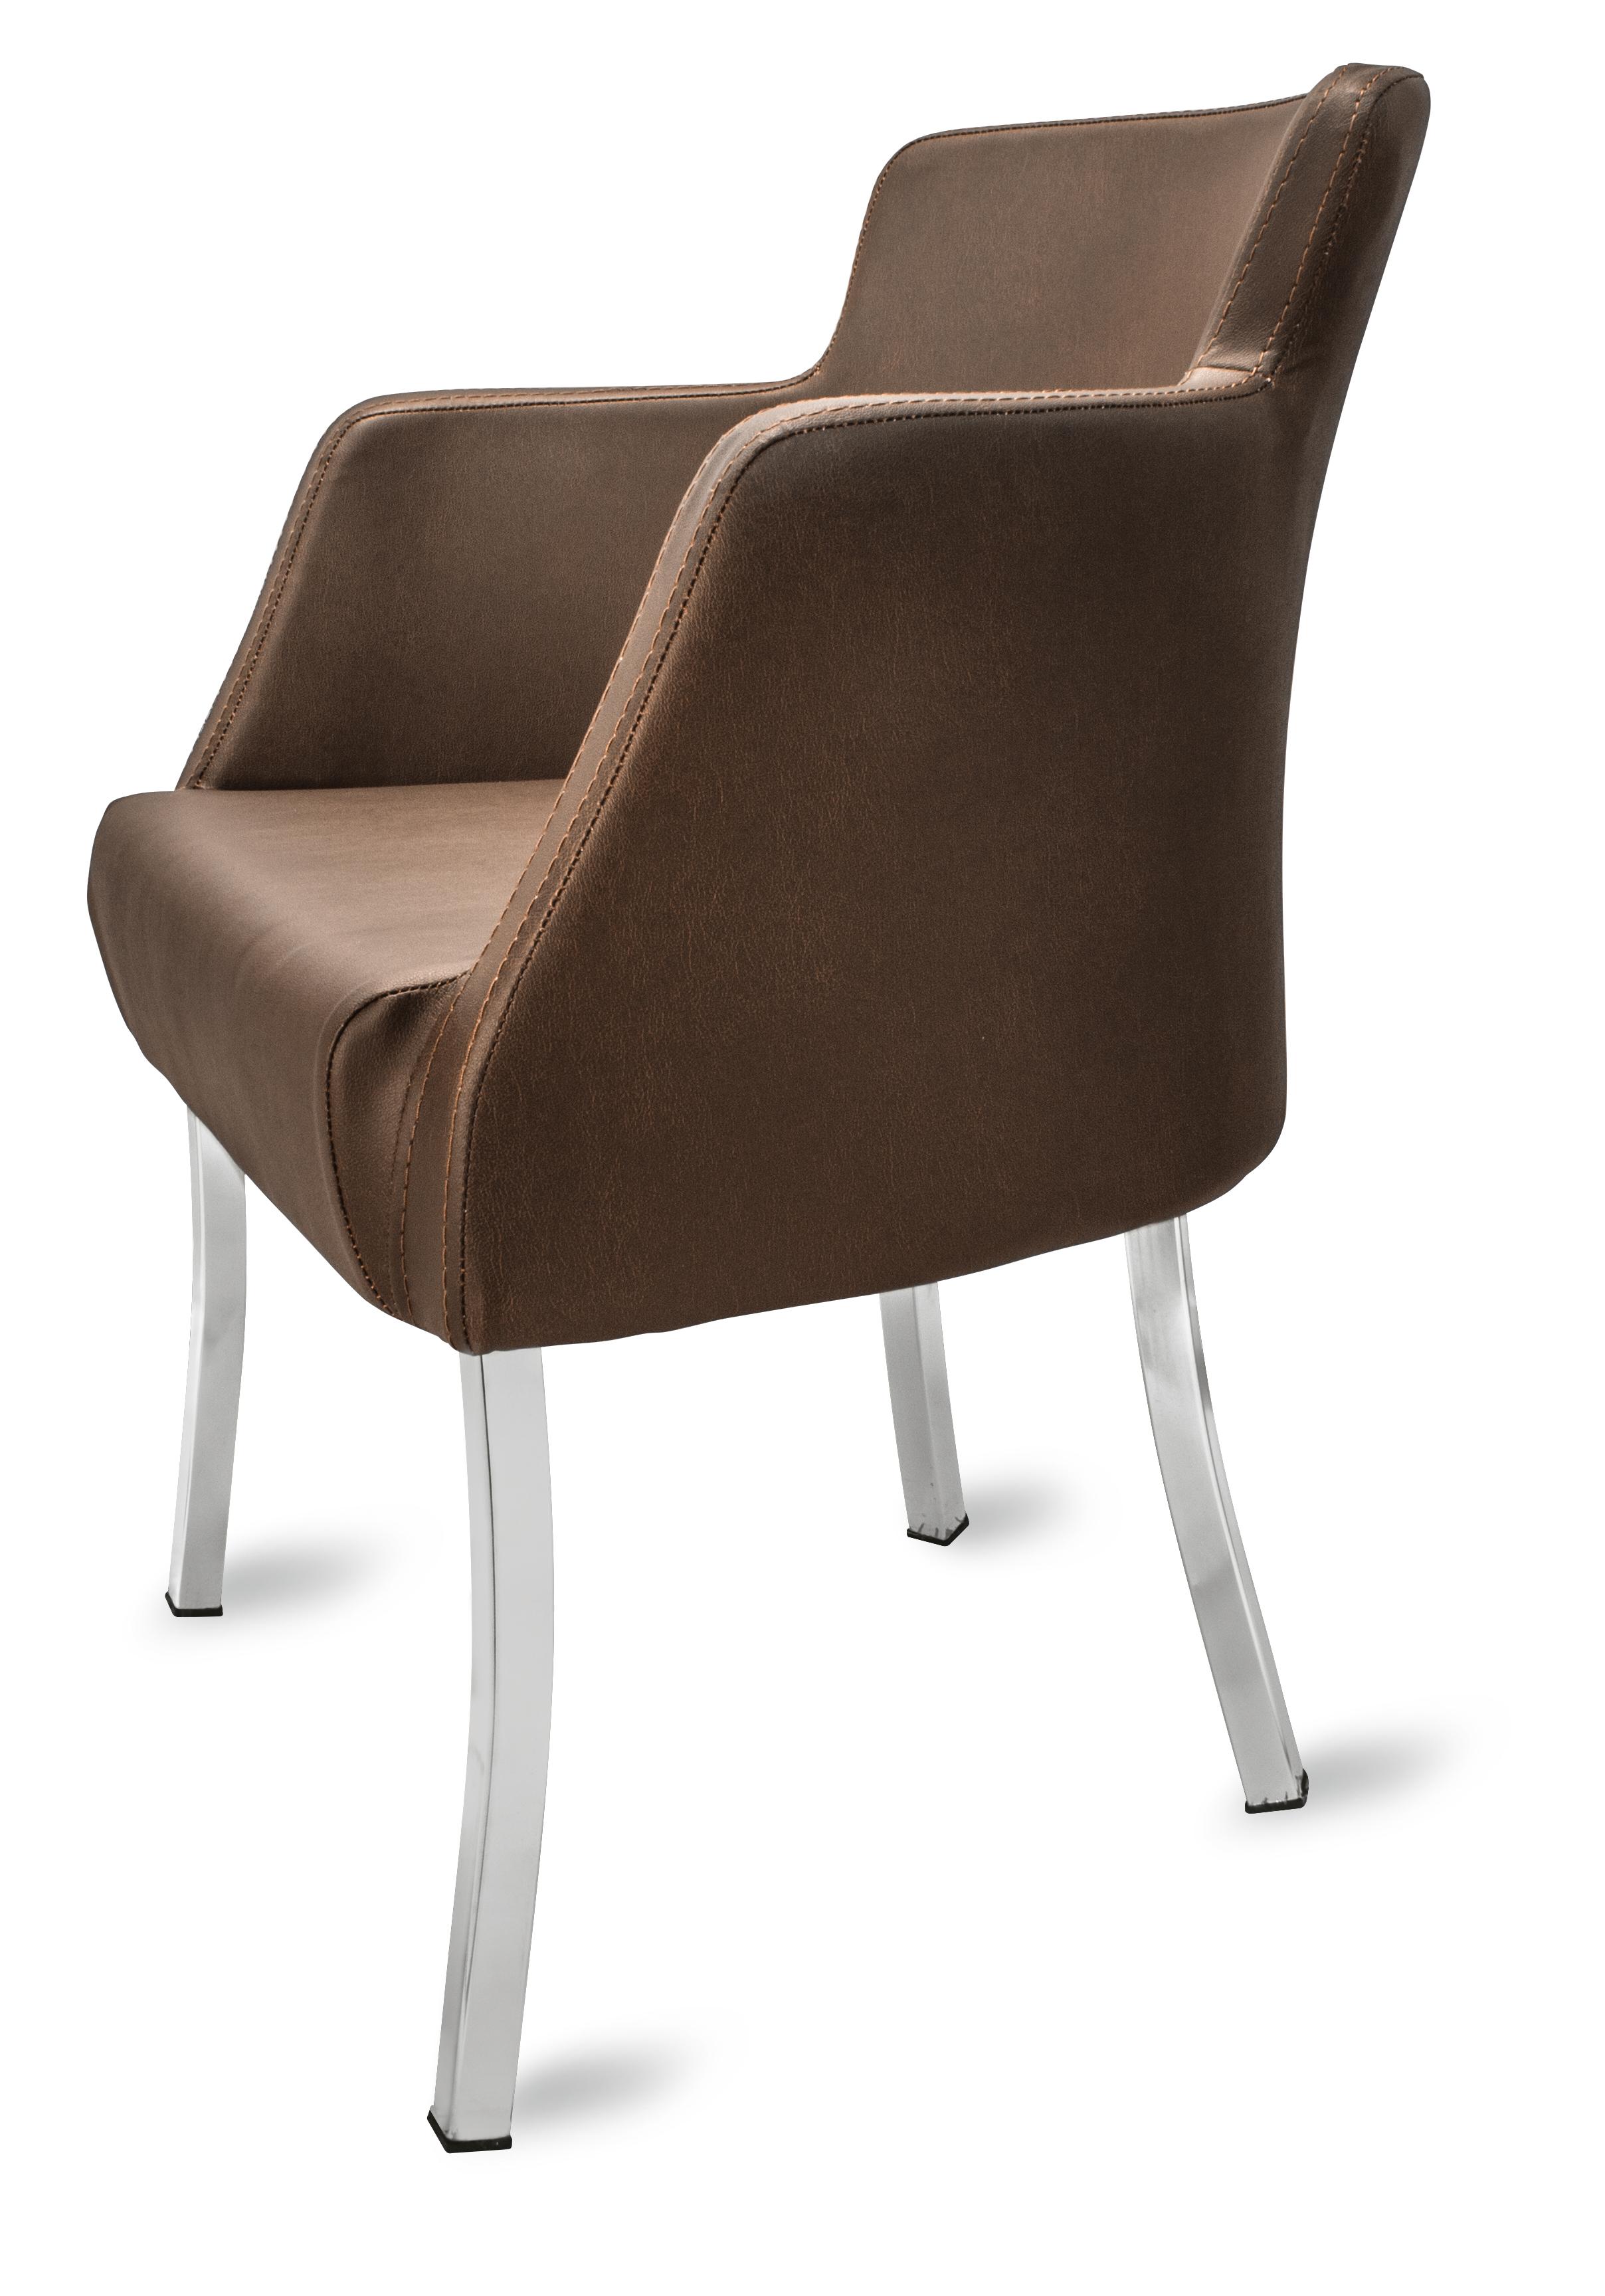 Gastro stuhl sessel primo braun g nstig kaufen m bel star for Sessel stuhl